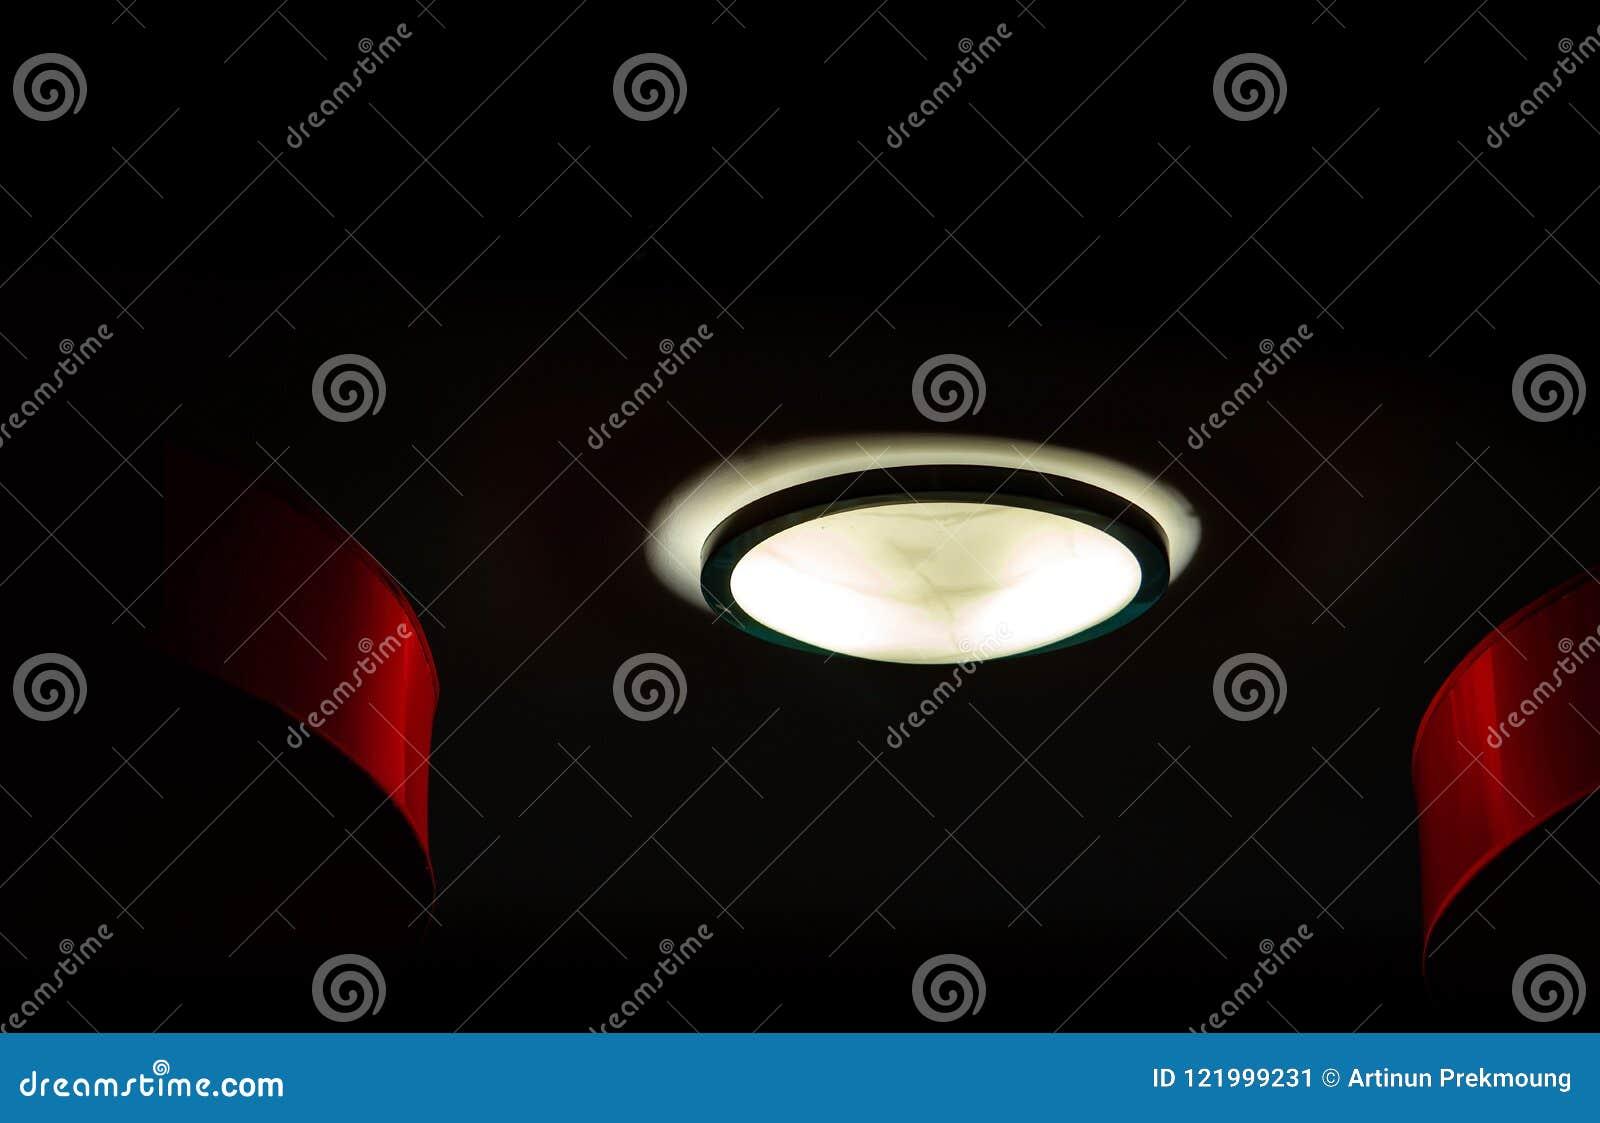 Plafoniere Rosse : Plafoniere interne su fondo scuro alla notte concetto interno di